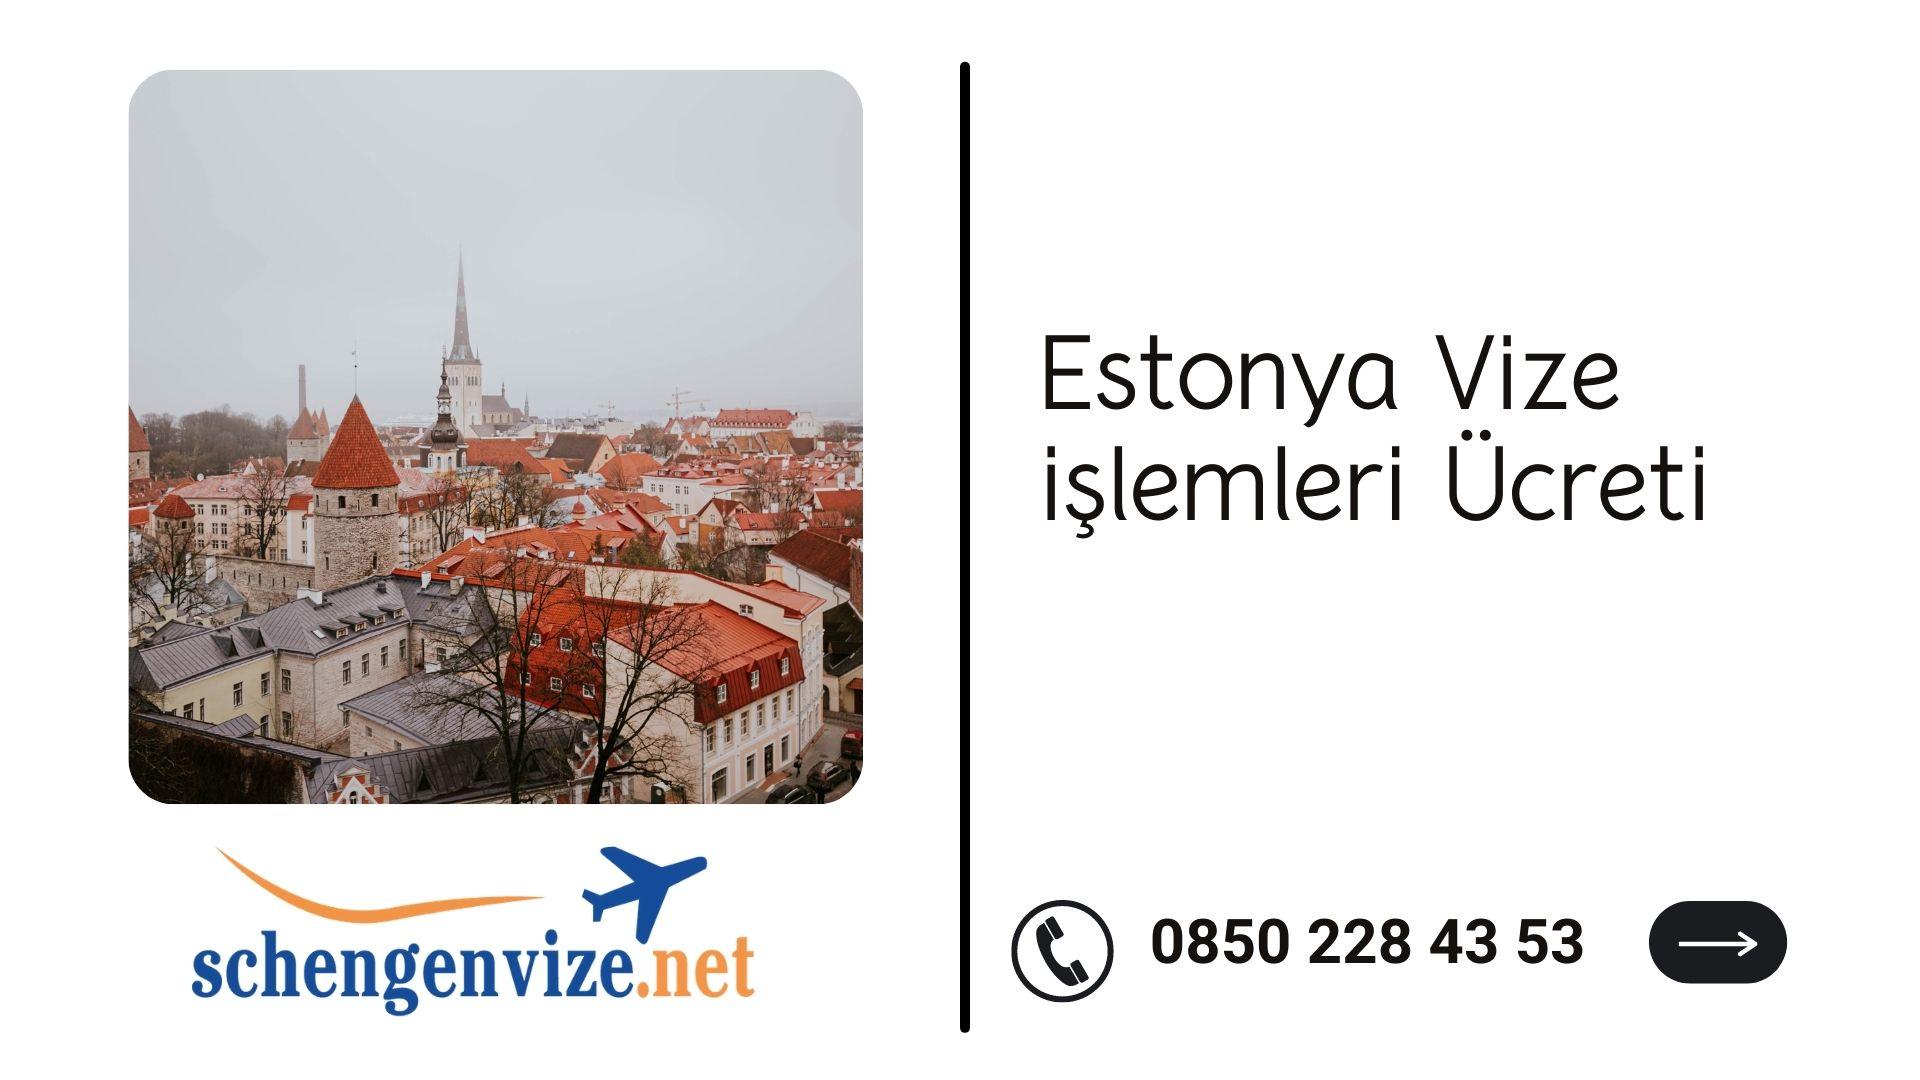 Estonya Vize işlemleri Ücreti